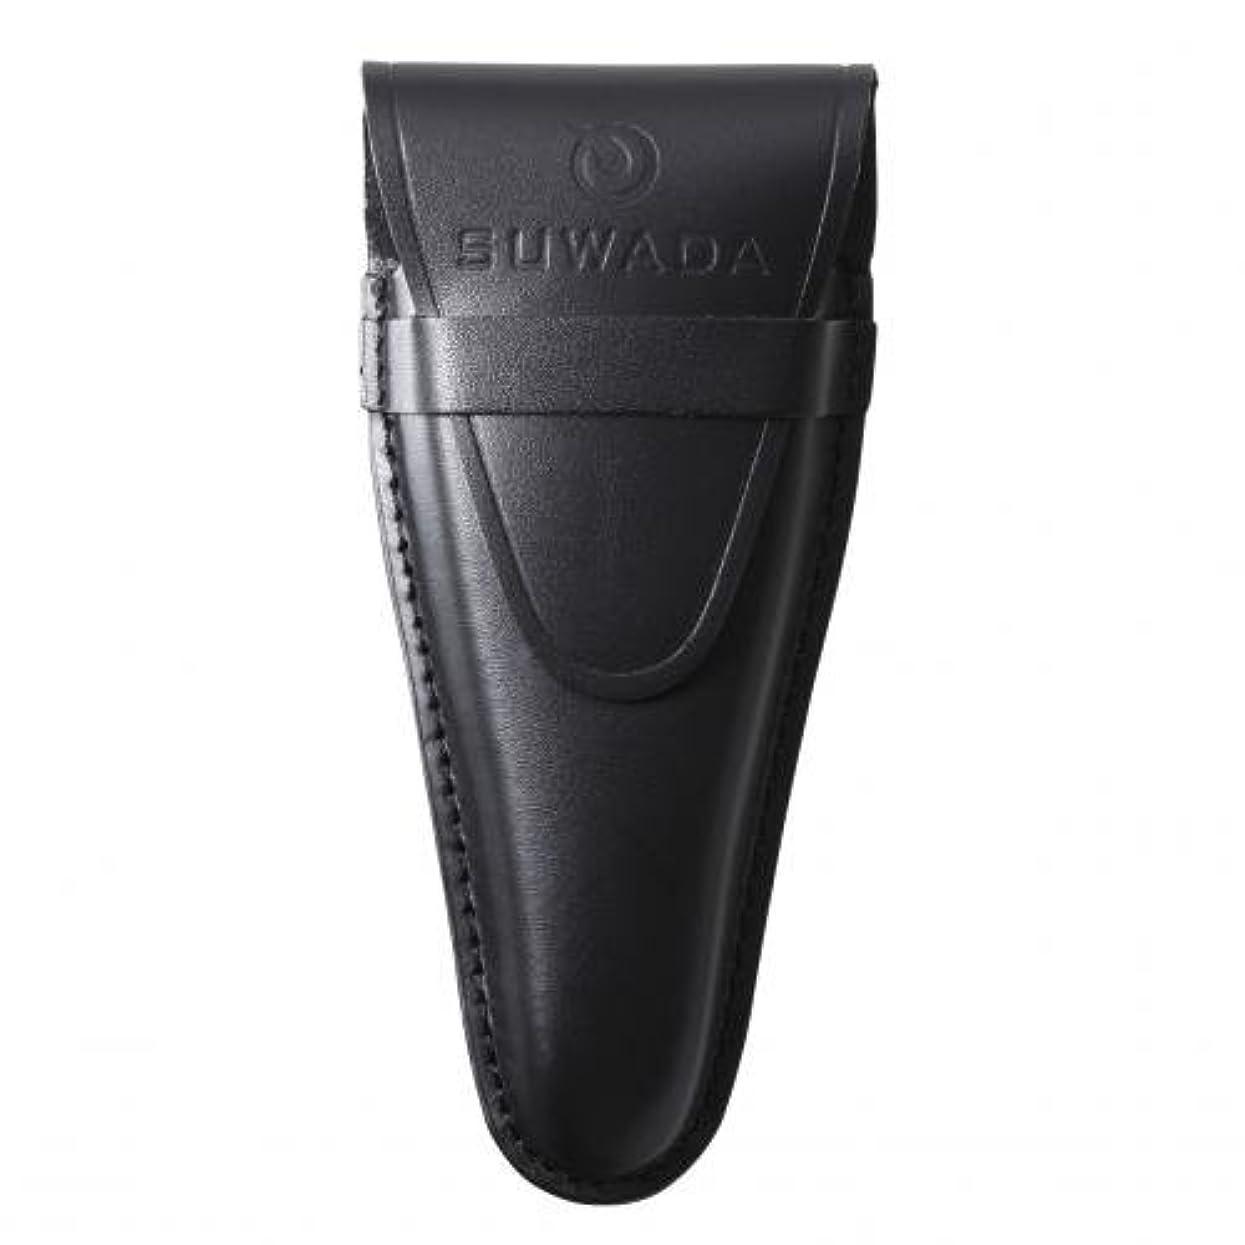 郊外警戒マルクス主義【SUWADA】 爪切り用本革ケースクラシックL用 色=ブラック